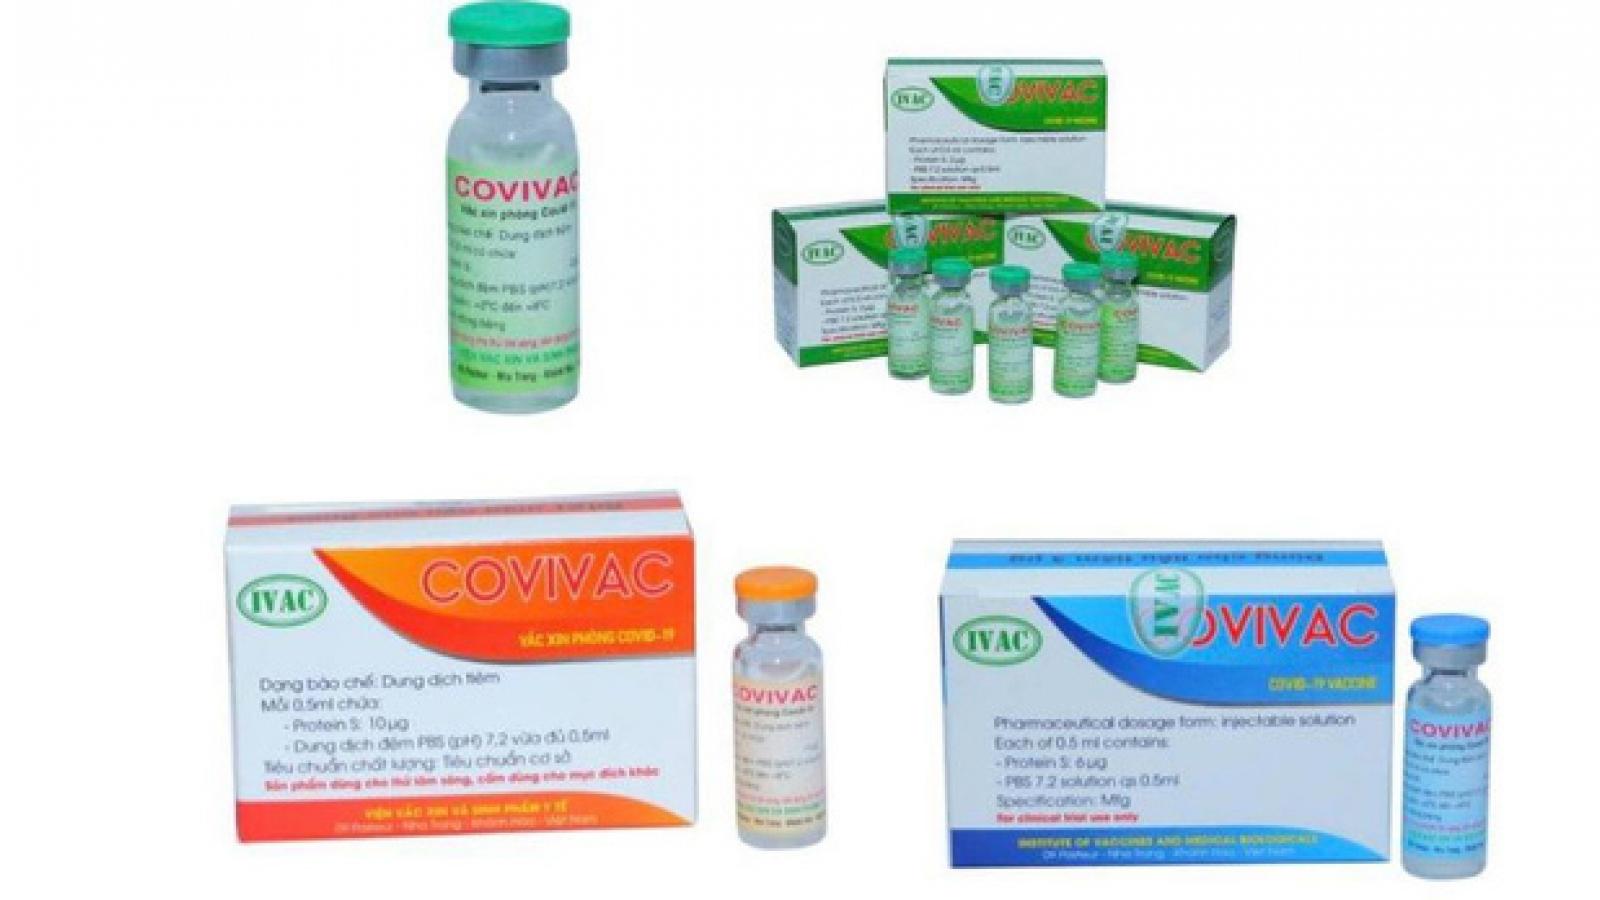 Dự kiến vaccine ngừa COVID-19 COVIVAC có giá không quá 60.000 đồng/liều